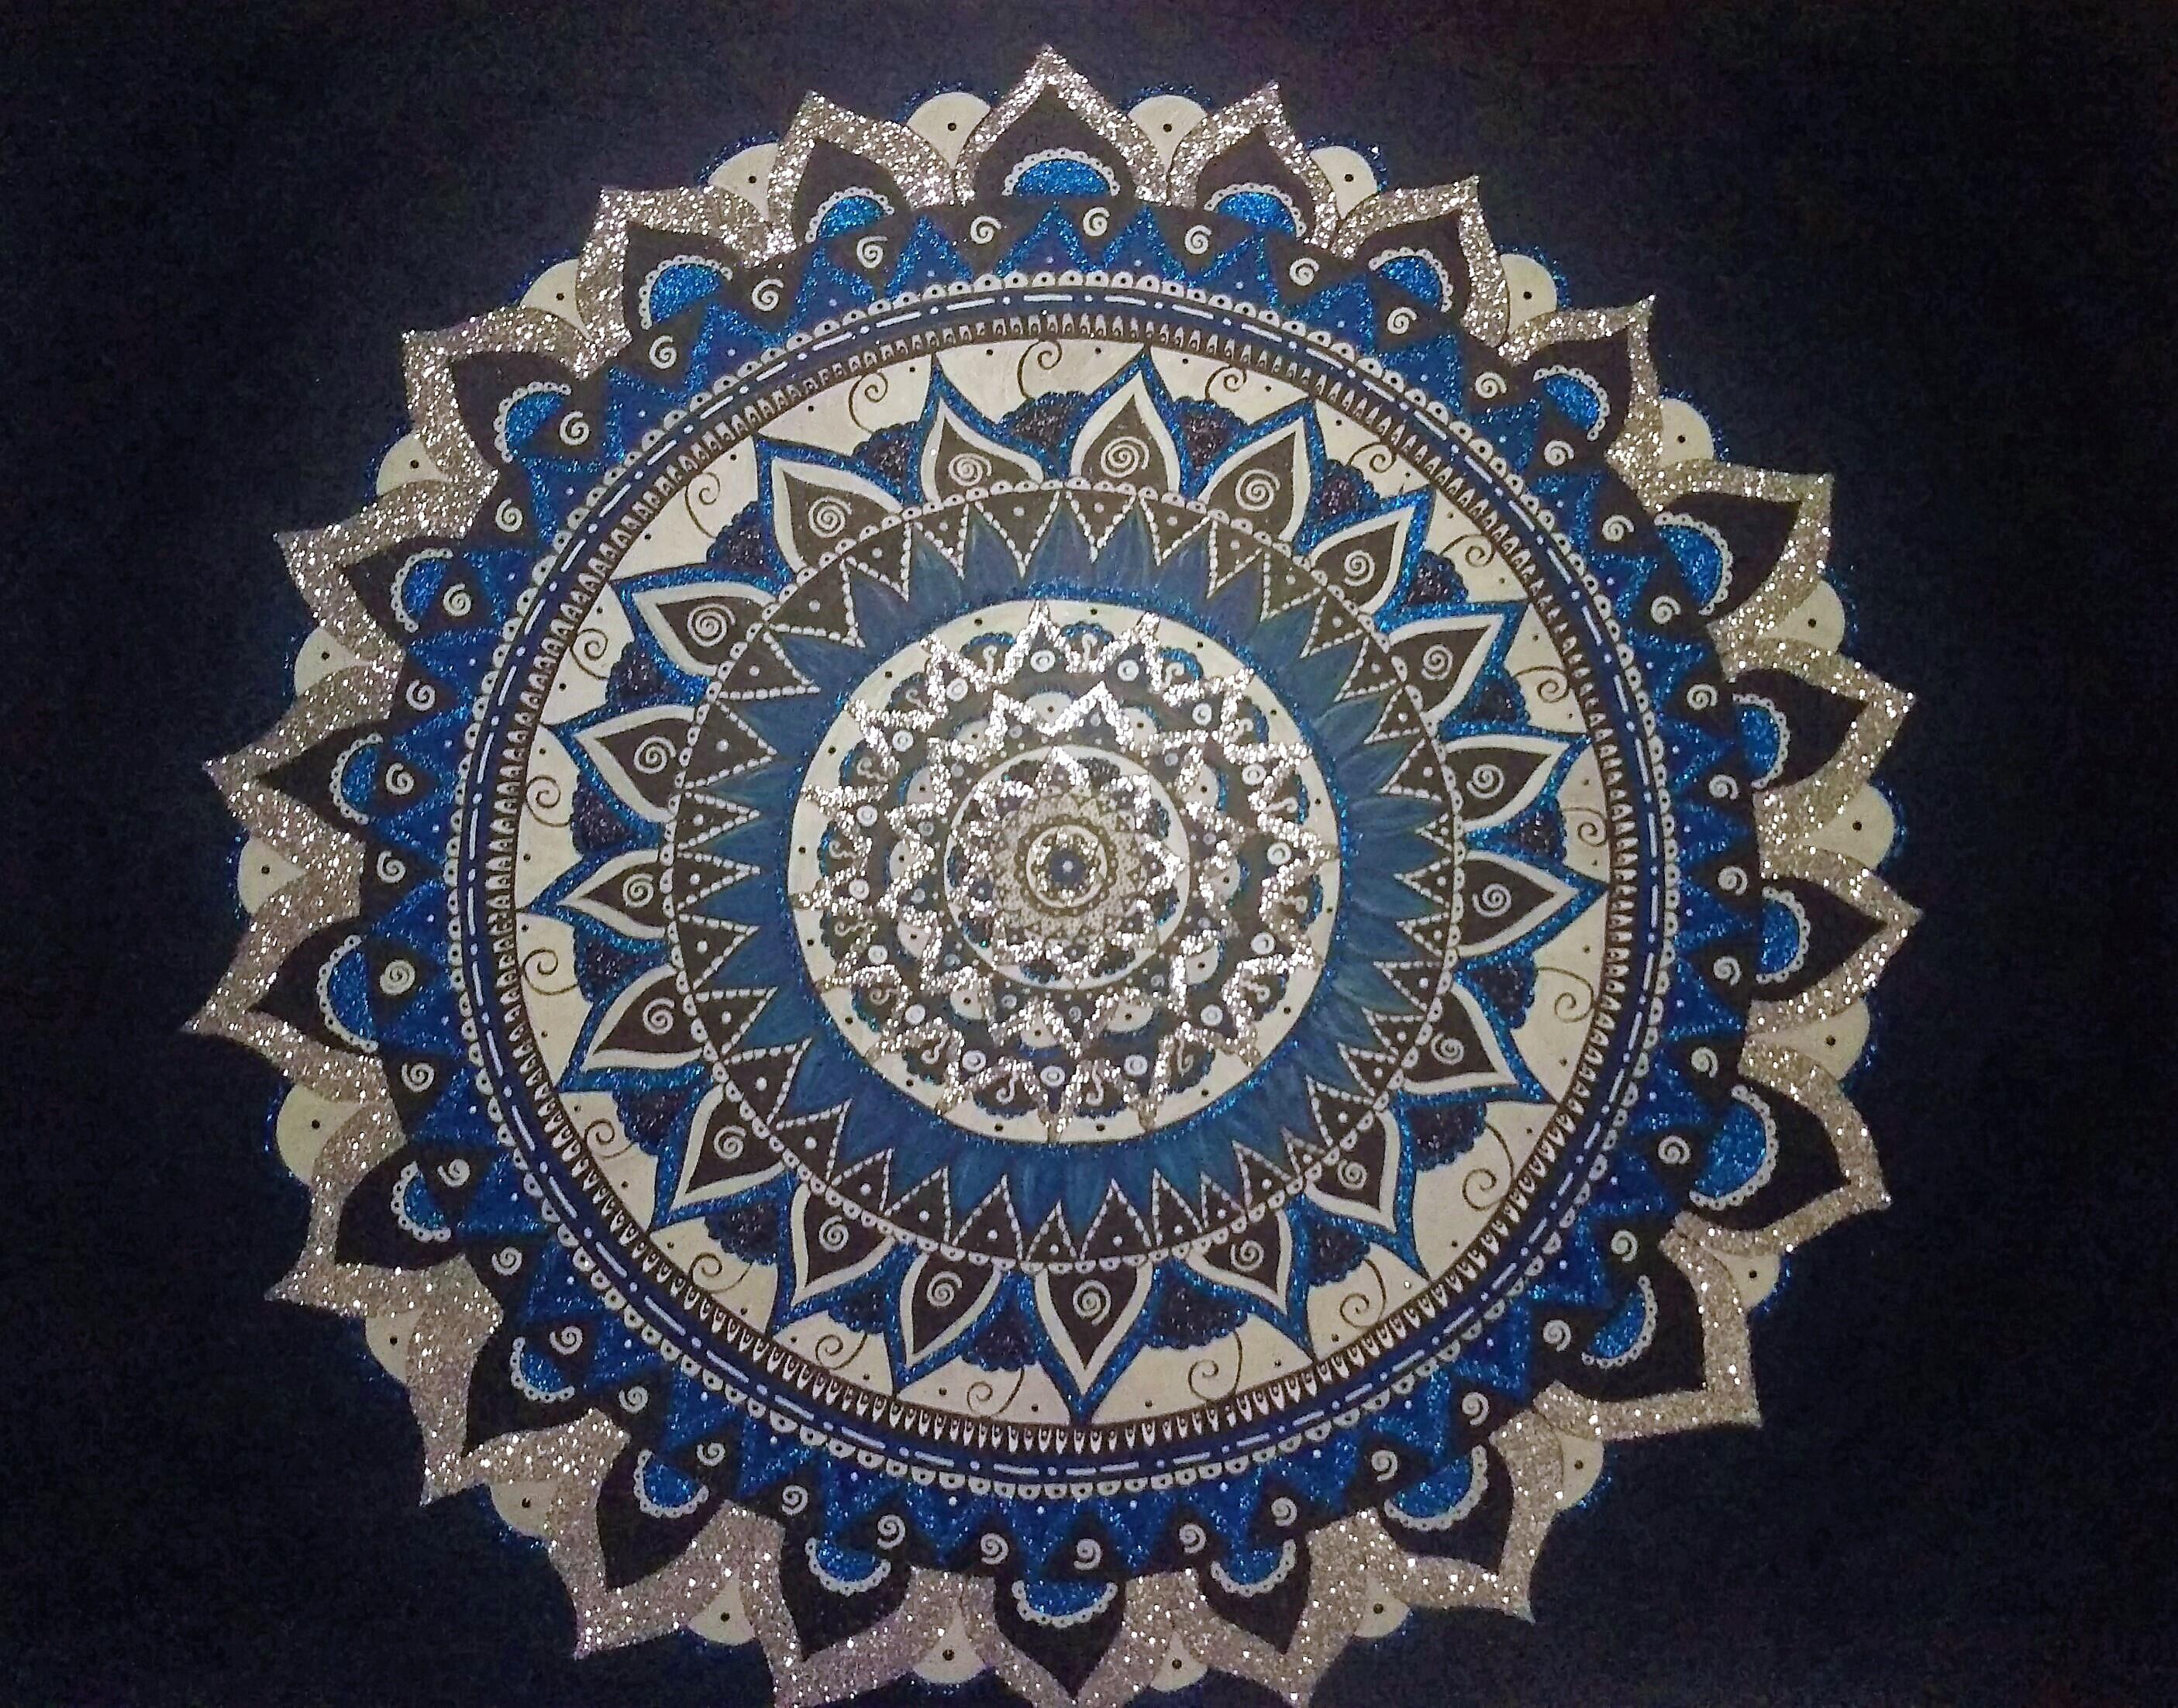 Mandalalast